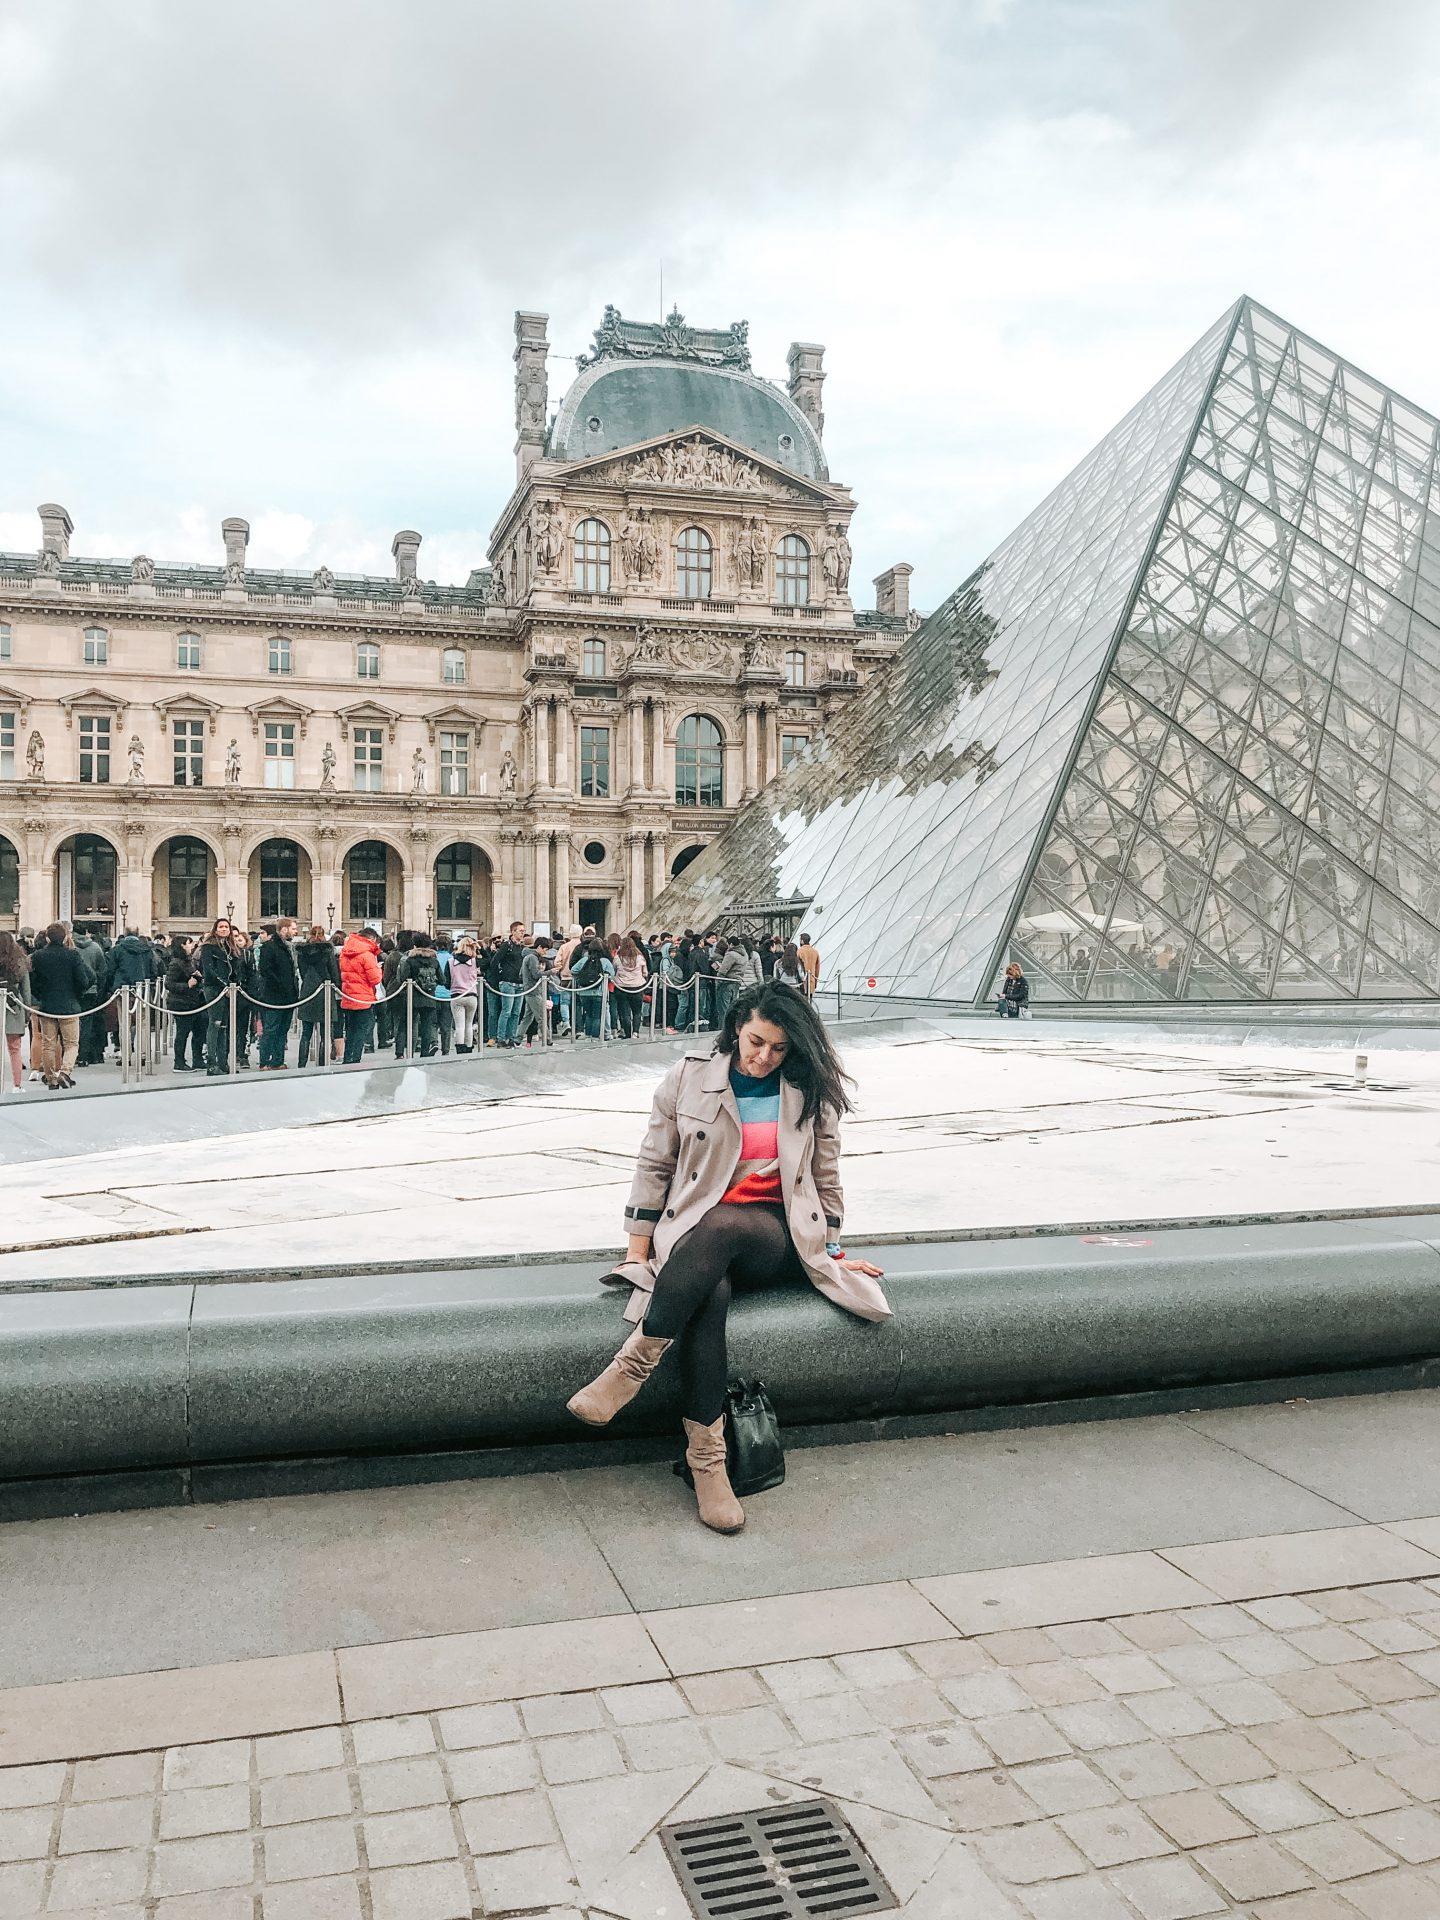 paris-france-louvre-museum-romantic-destinations-europe